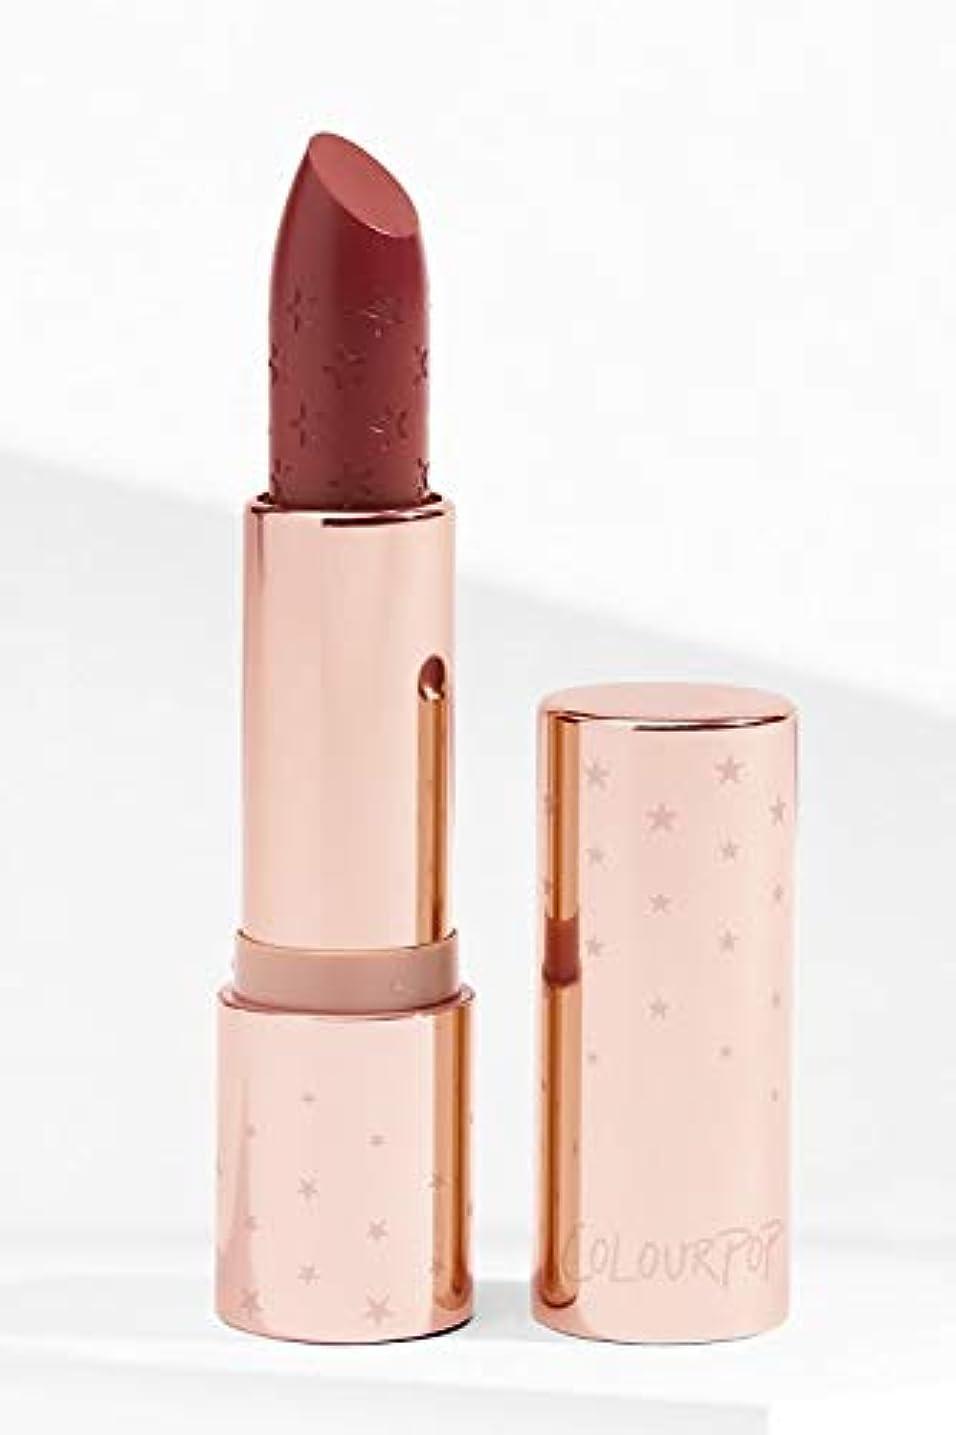 サスペンション振り向くようこそCOLOURPOP LIQUID COURAGE Cr鑪e Lux Lipstick